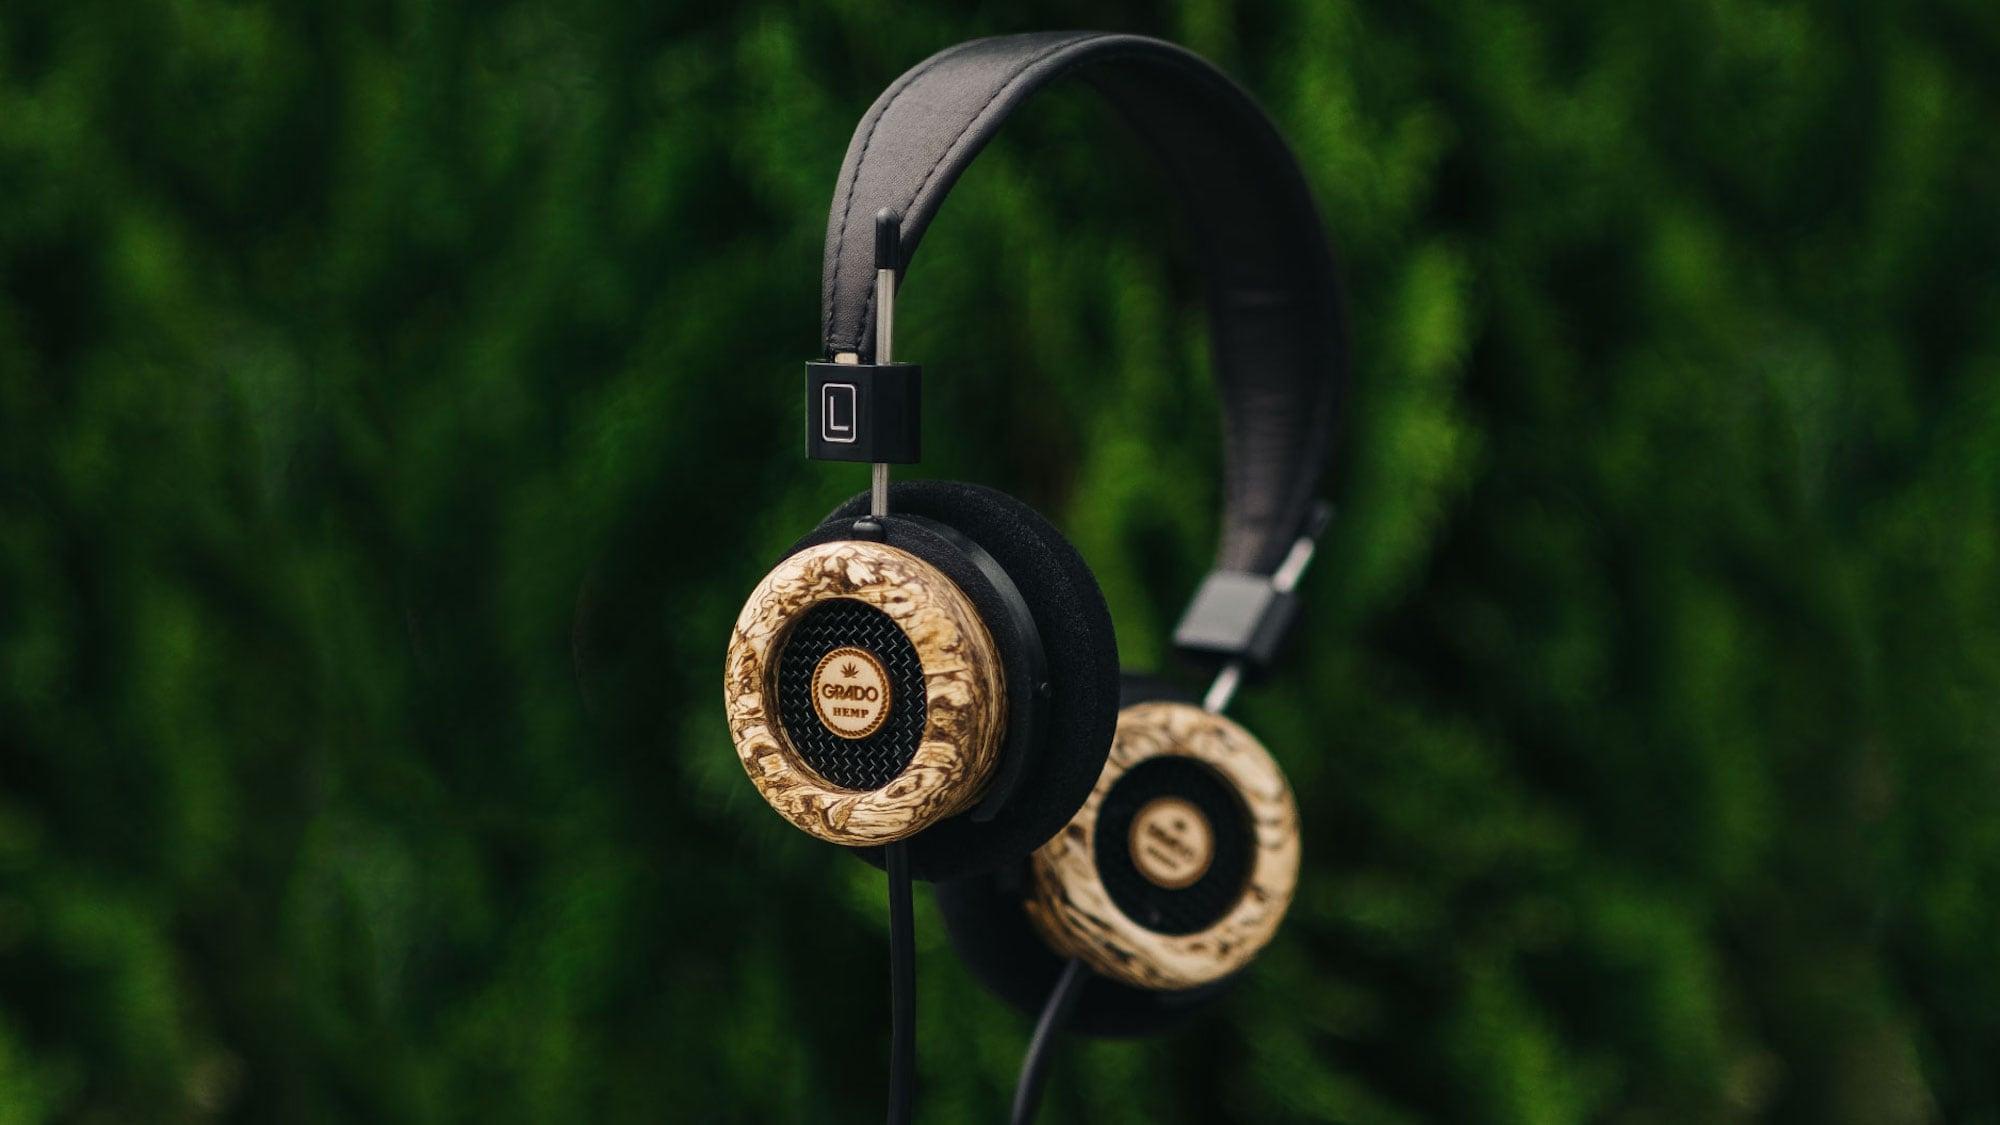 Grado Labs The Hemp Headphone Wooden Earphones